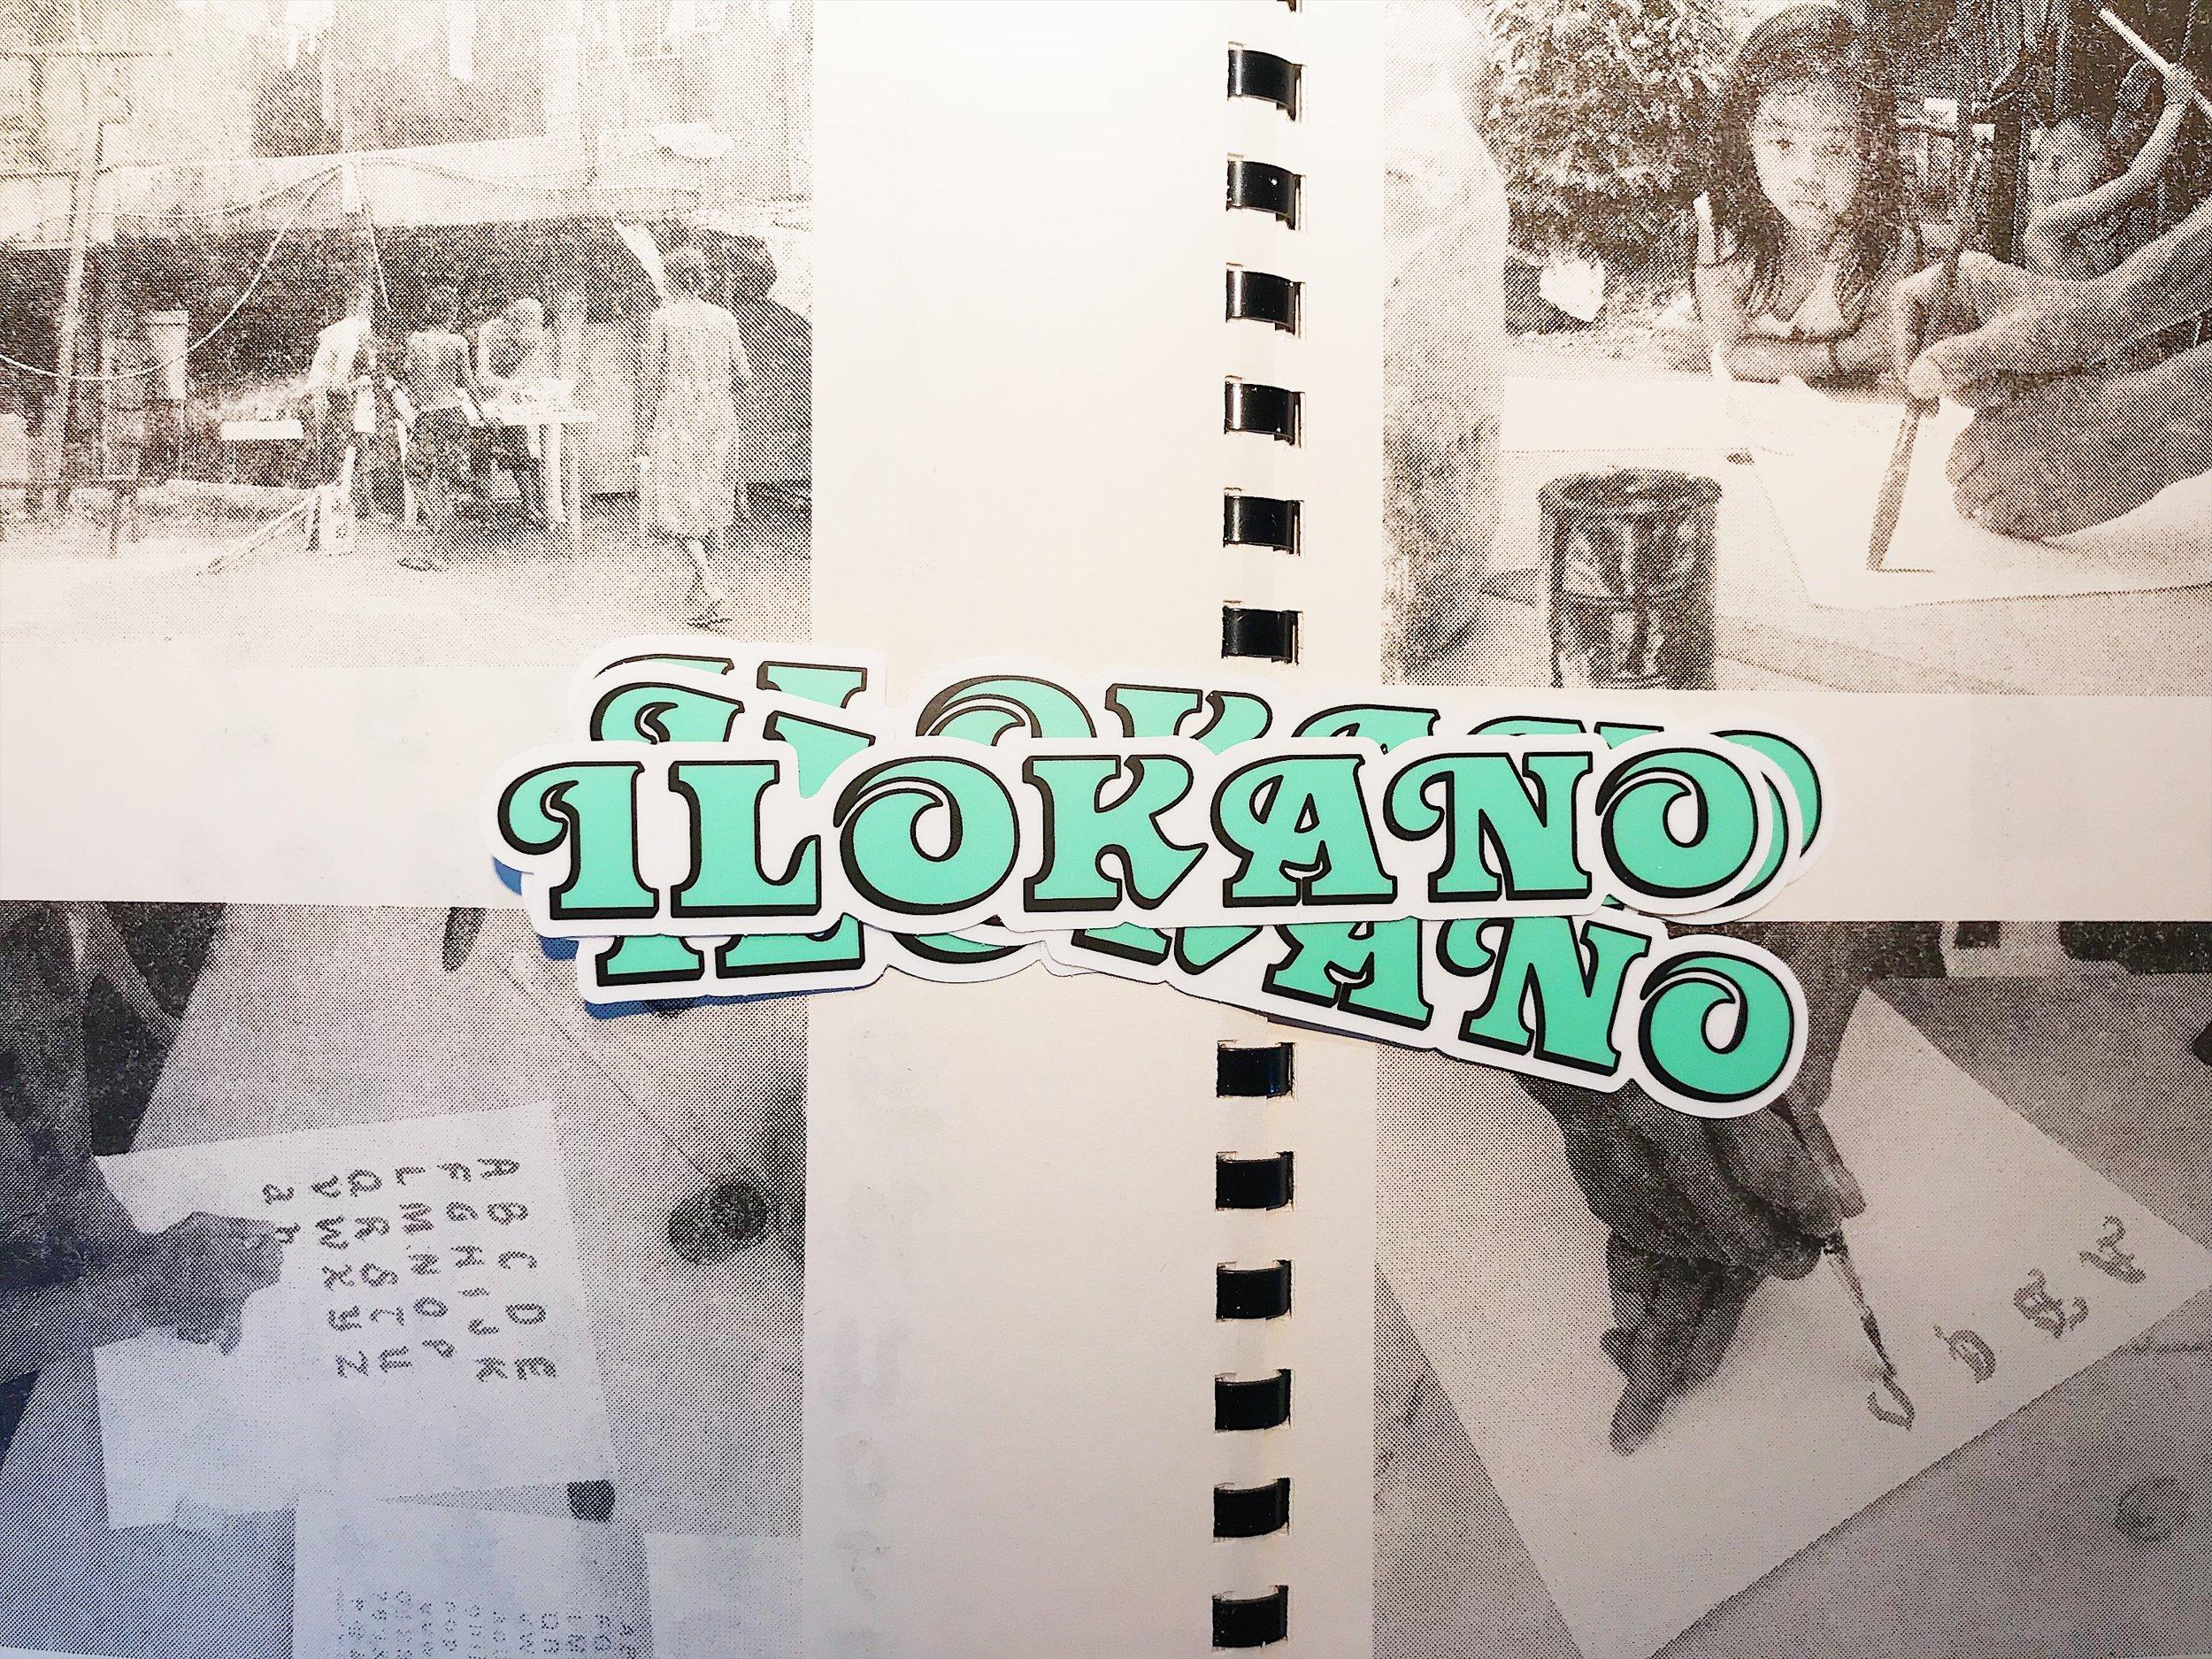 Ilokano_signpainting